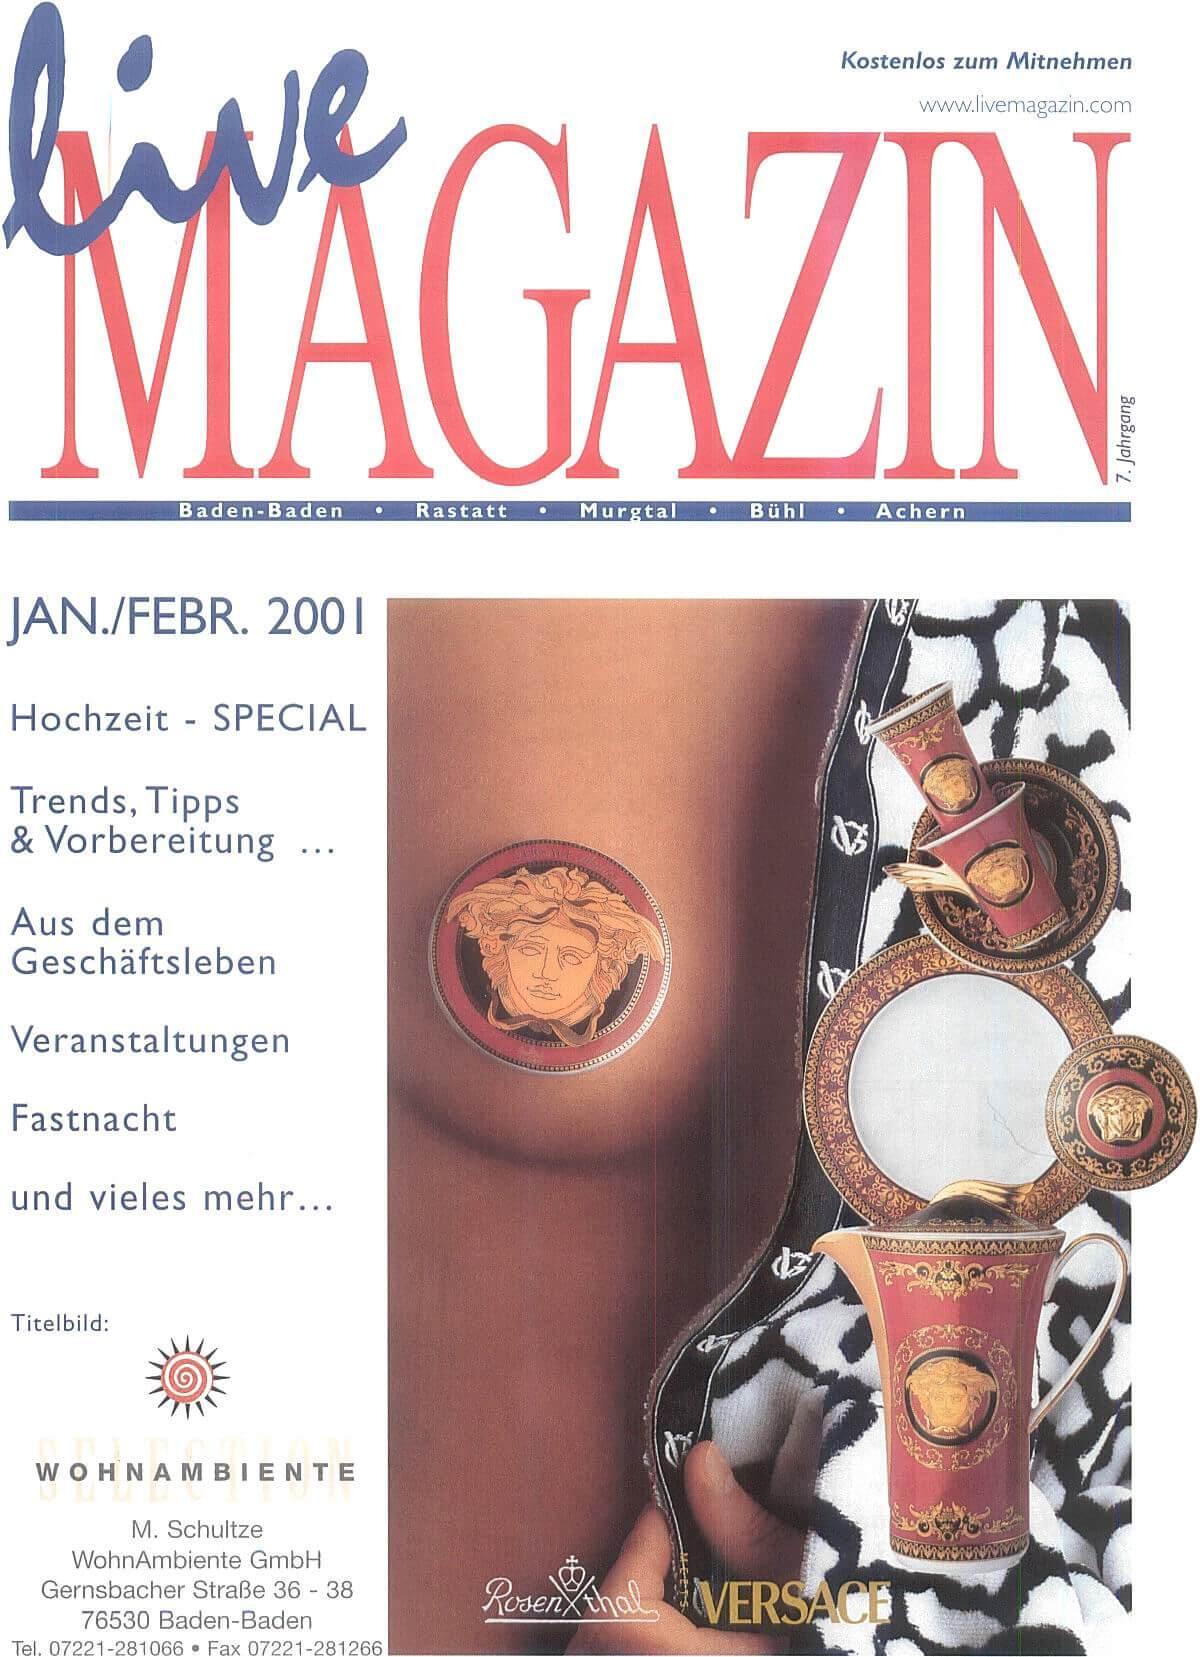 live Magazin